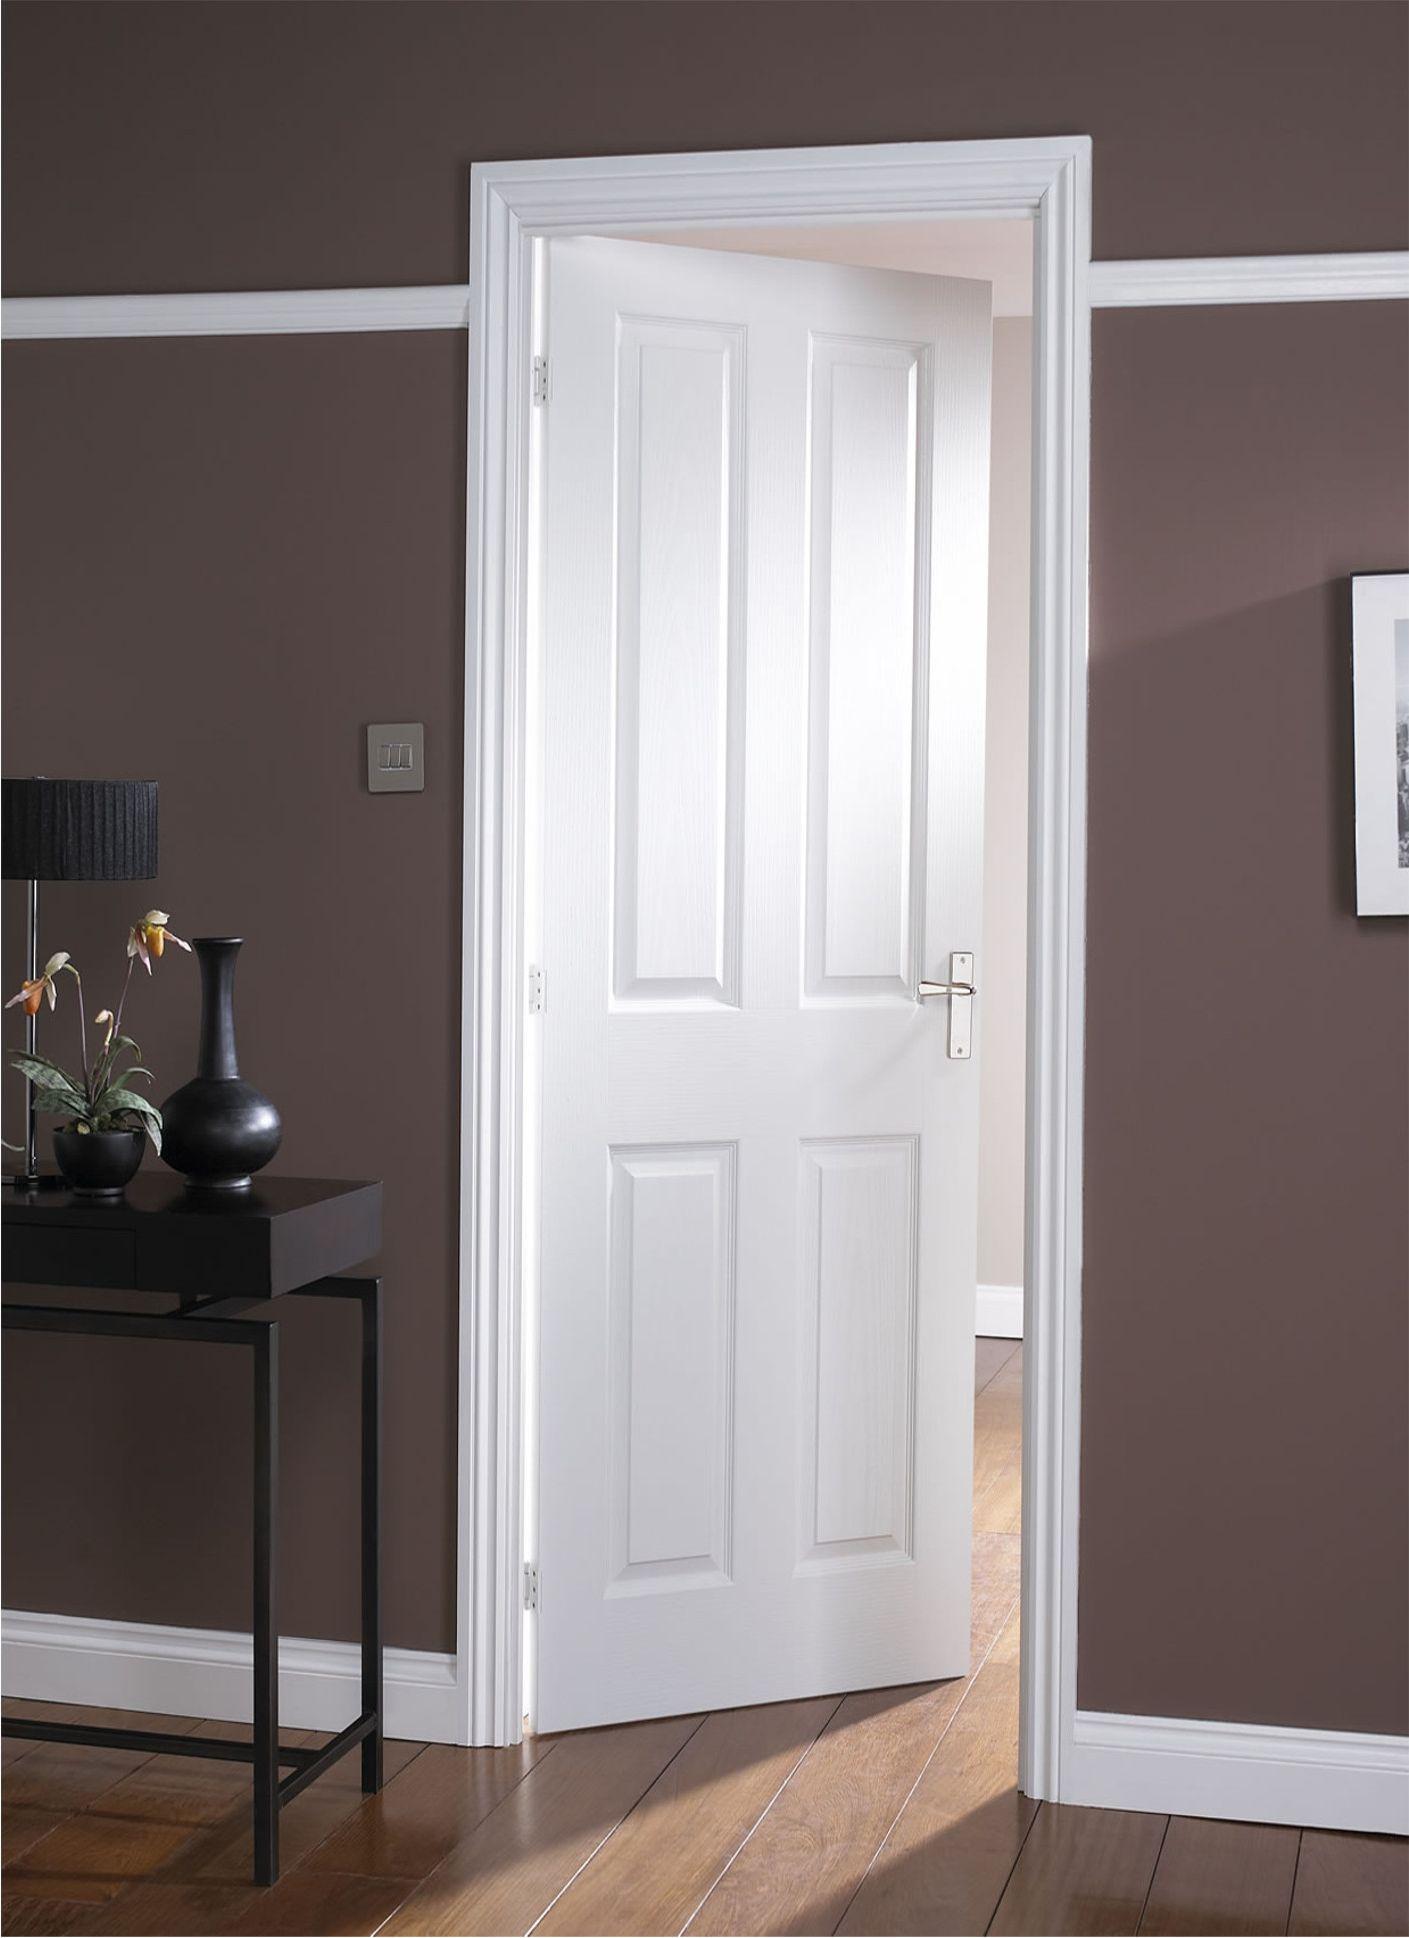 Bedroom Door Decorations Classical: Inexpensive Closet Door Ideas